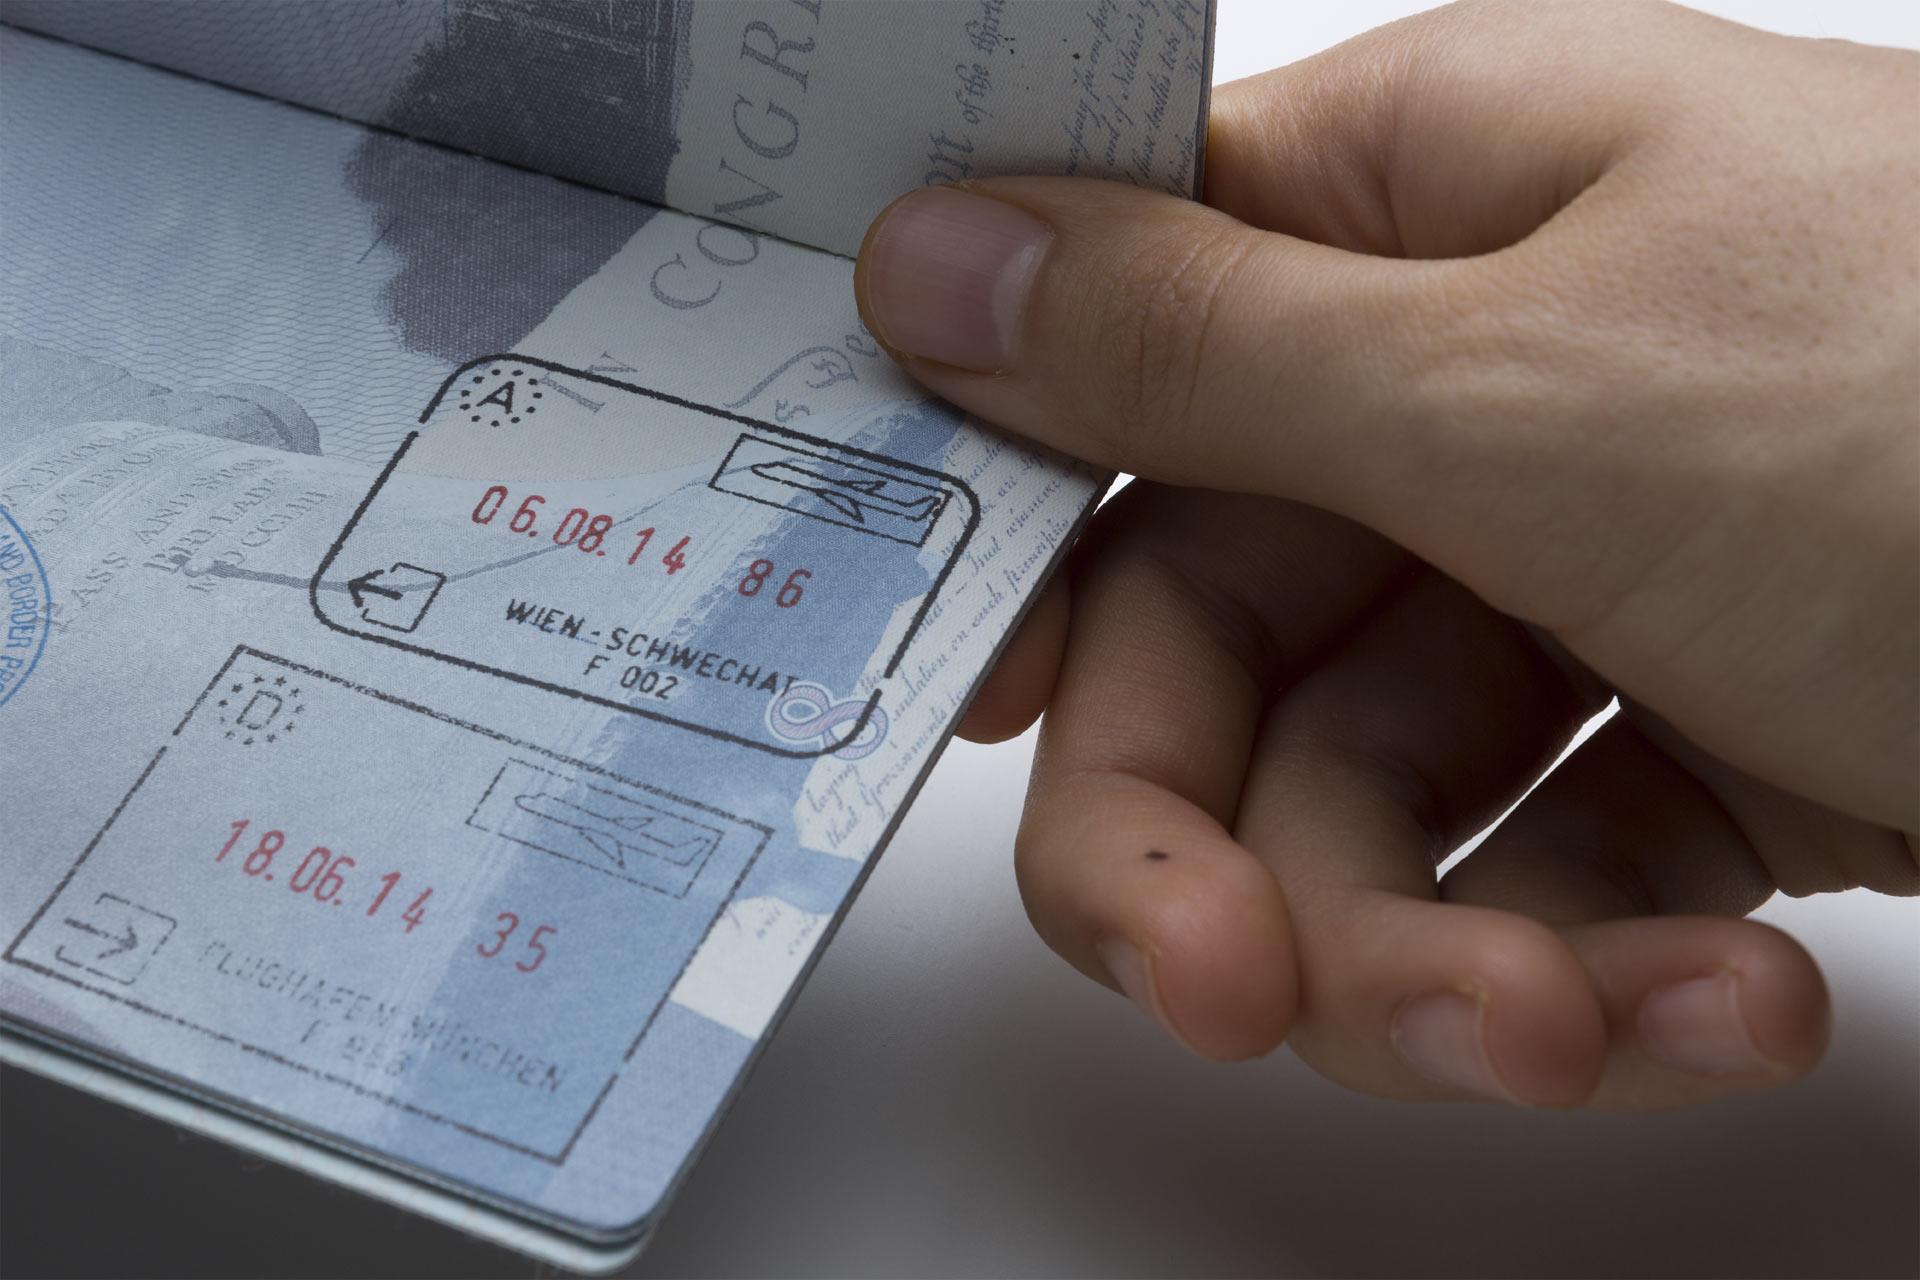 La exención de visado entrará en vigor provisionalmente el jueves y regirá para estancias máximas de 90 días